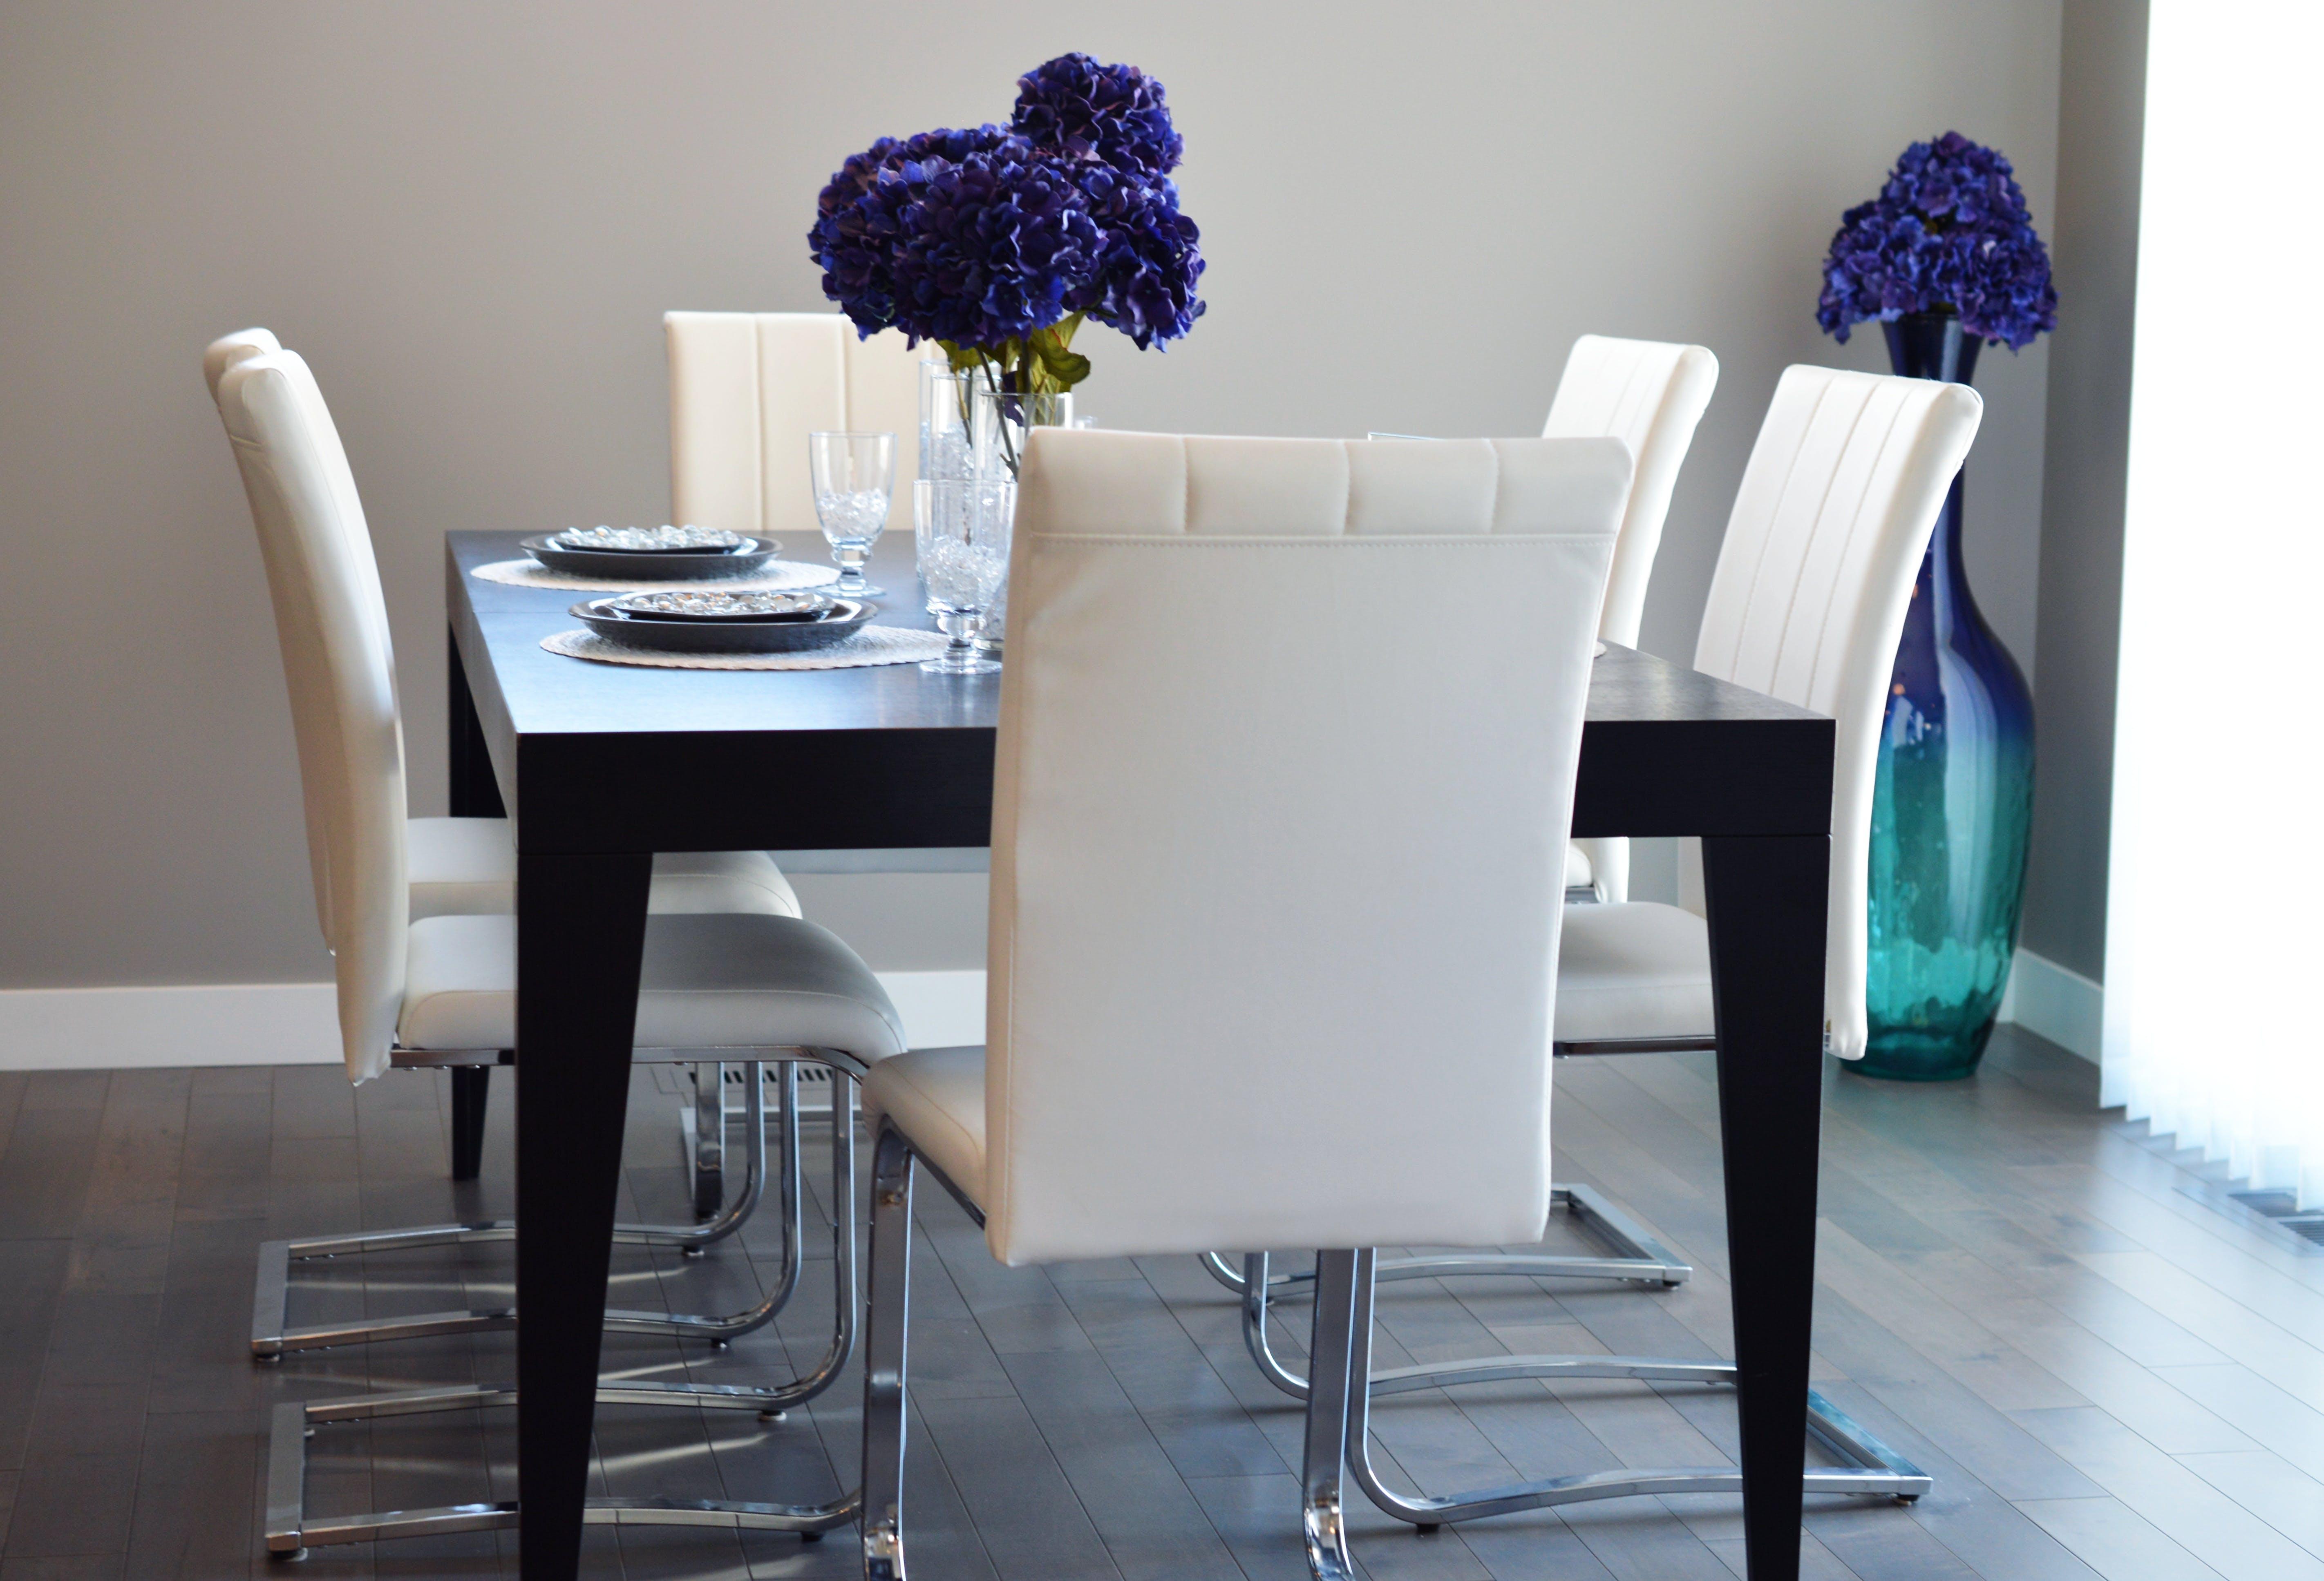 Purple Petaled Flowers on Table